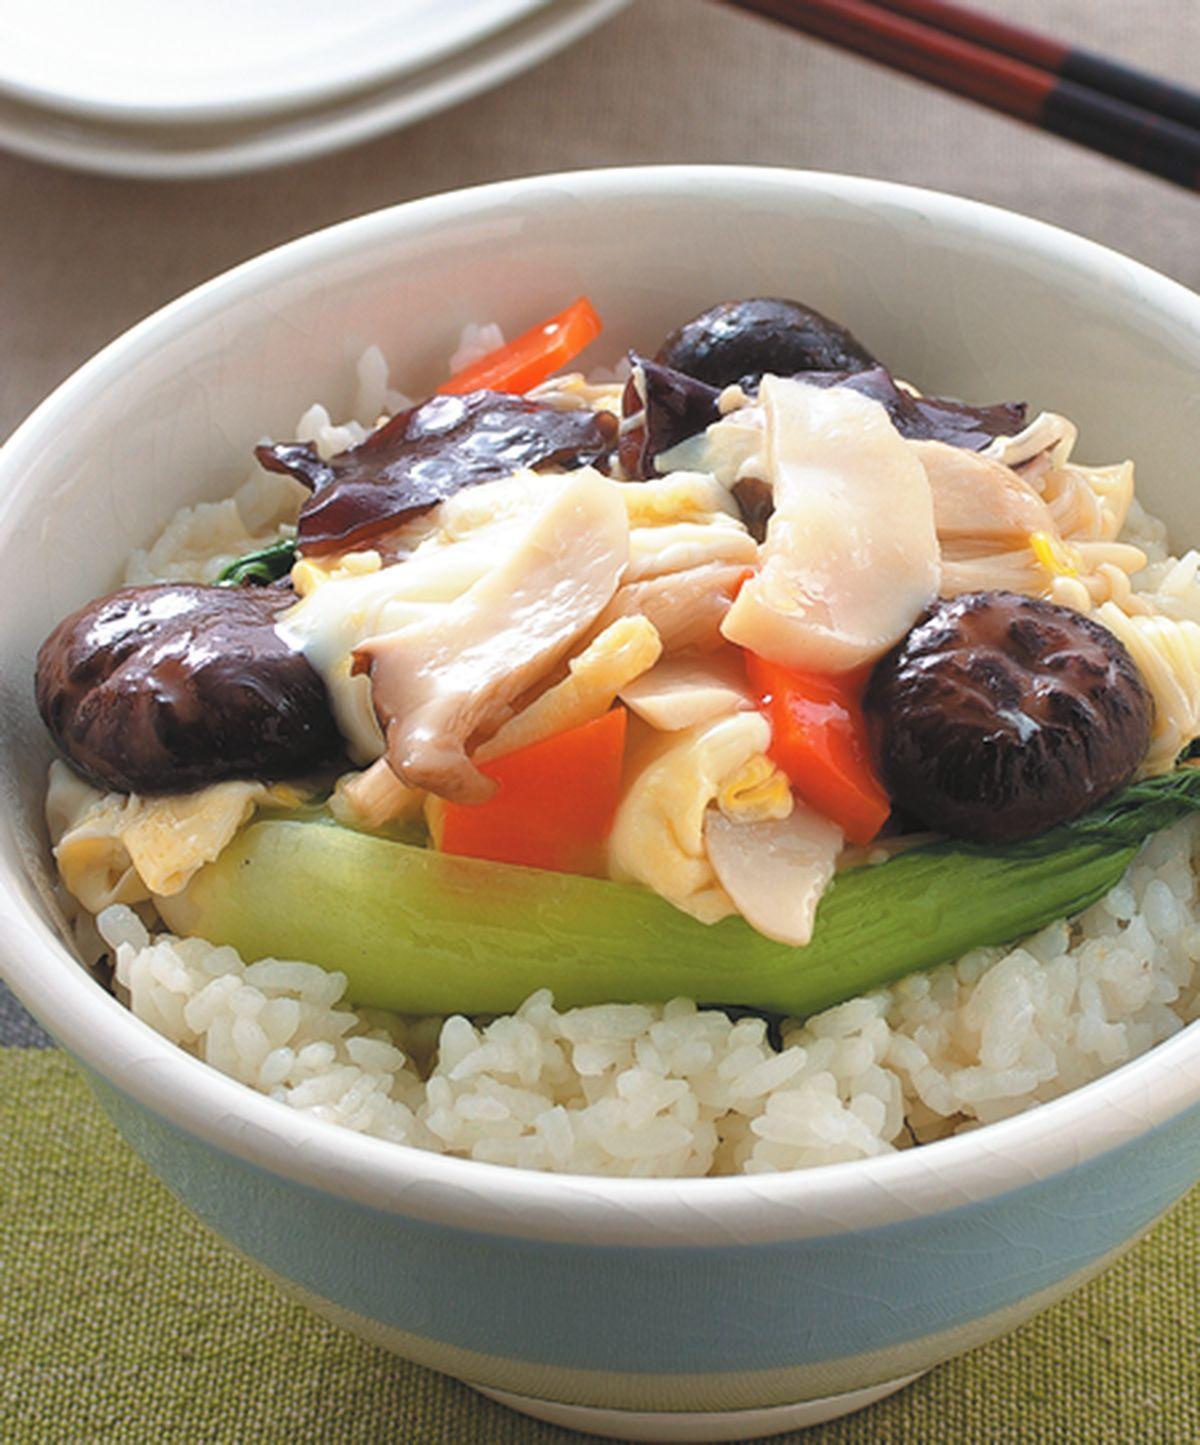 食譜:什錦珍菇蓋飯